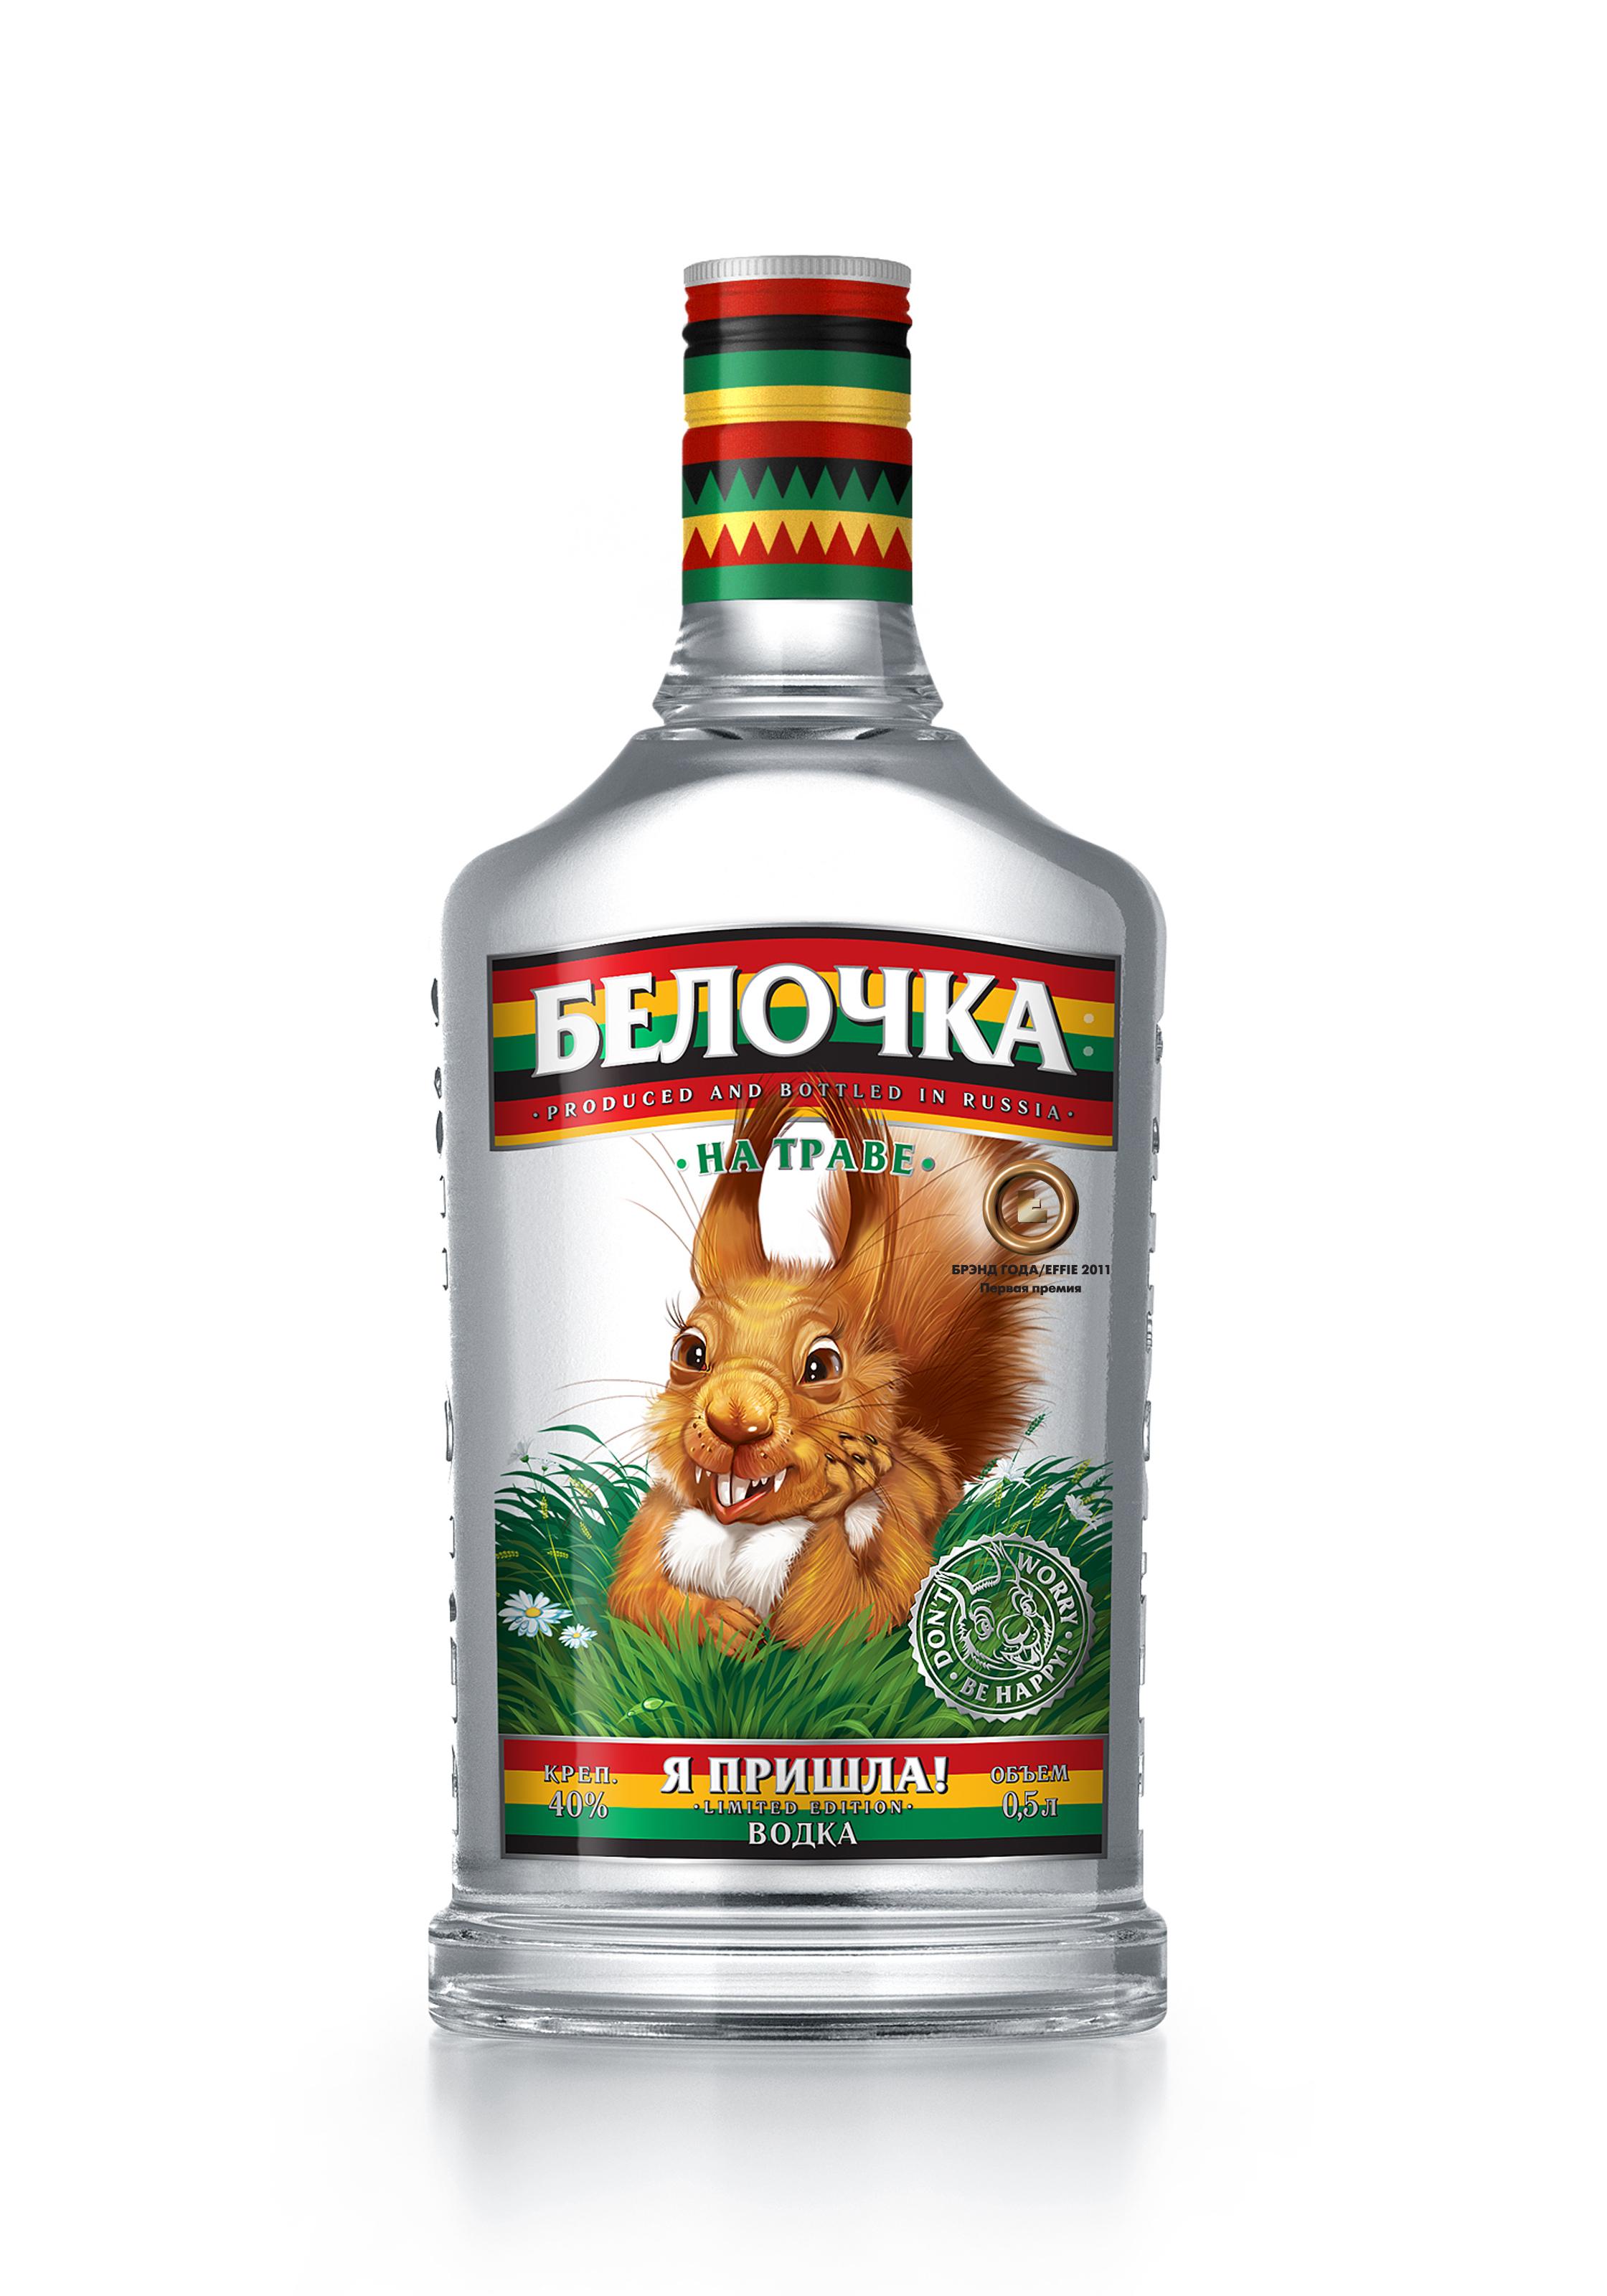 Фото: «Золотая мануфактура» выводит на рынок новый продукт — водку «Белочка: Я пришла! На траве».